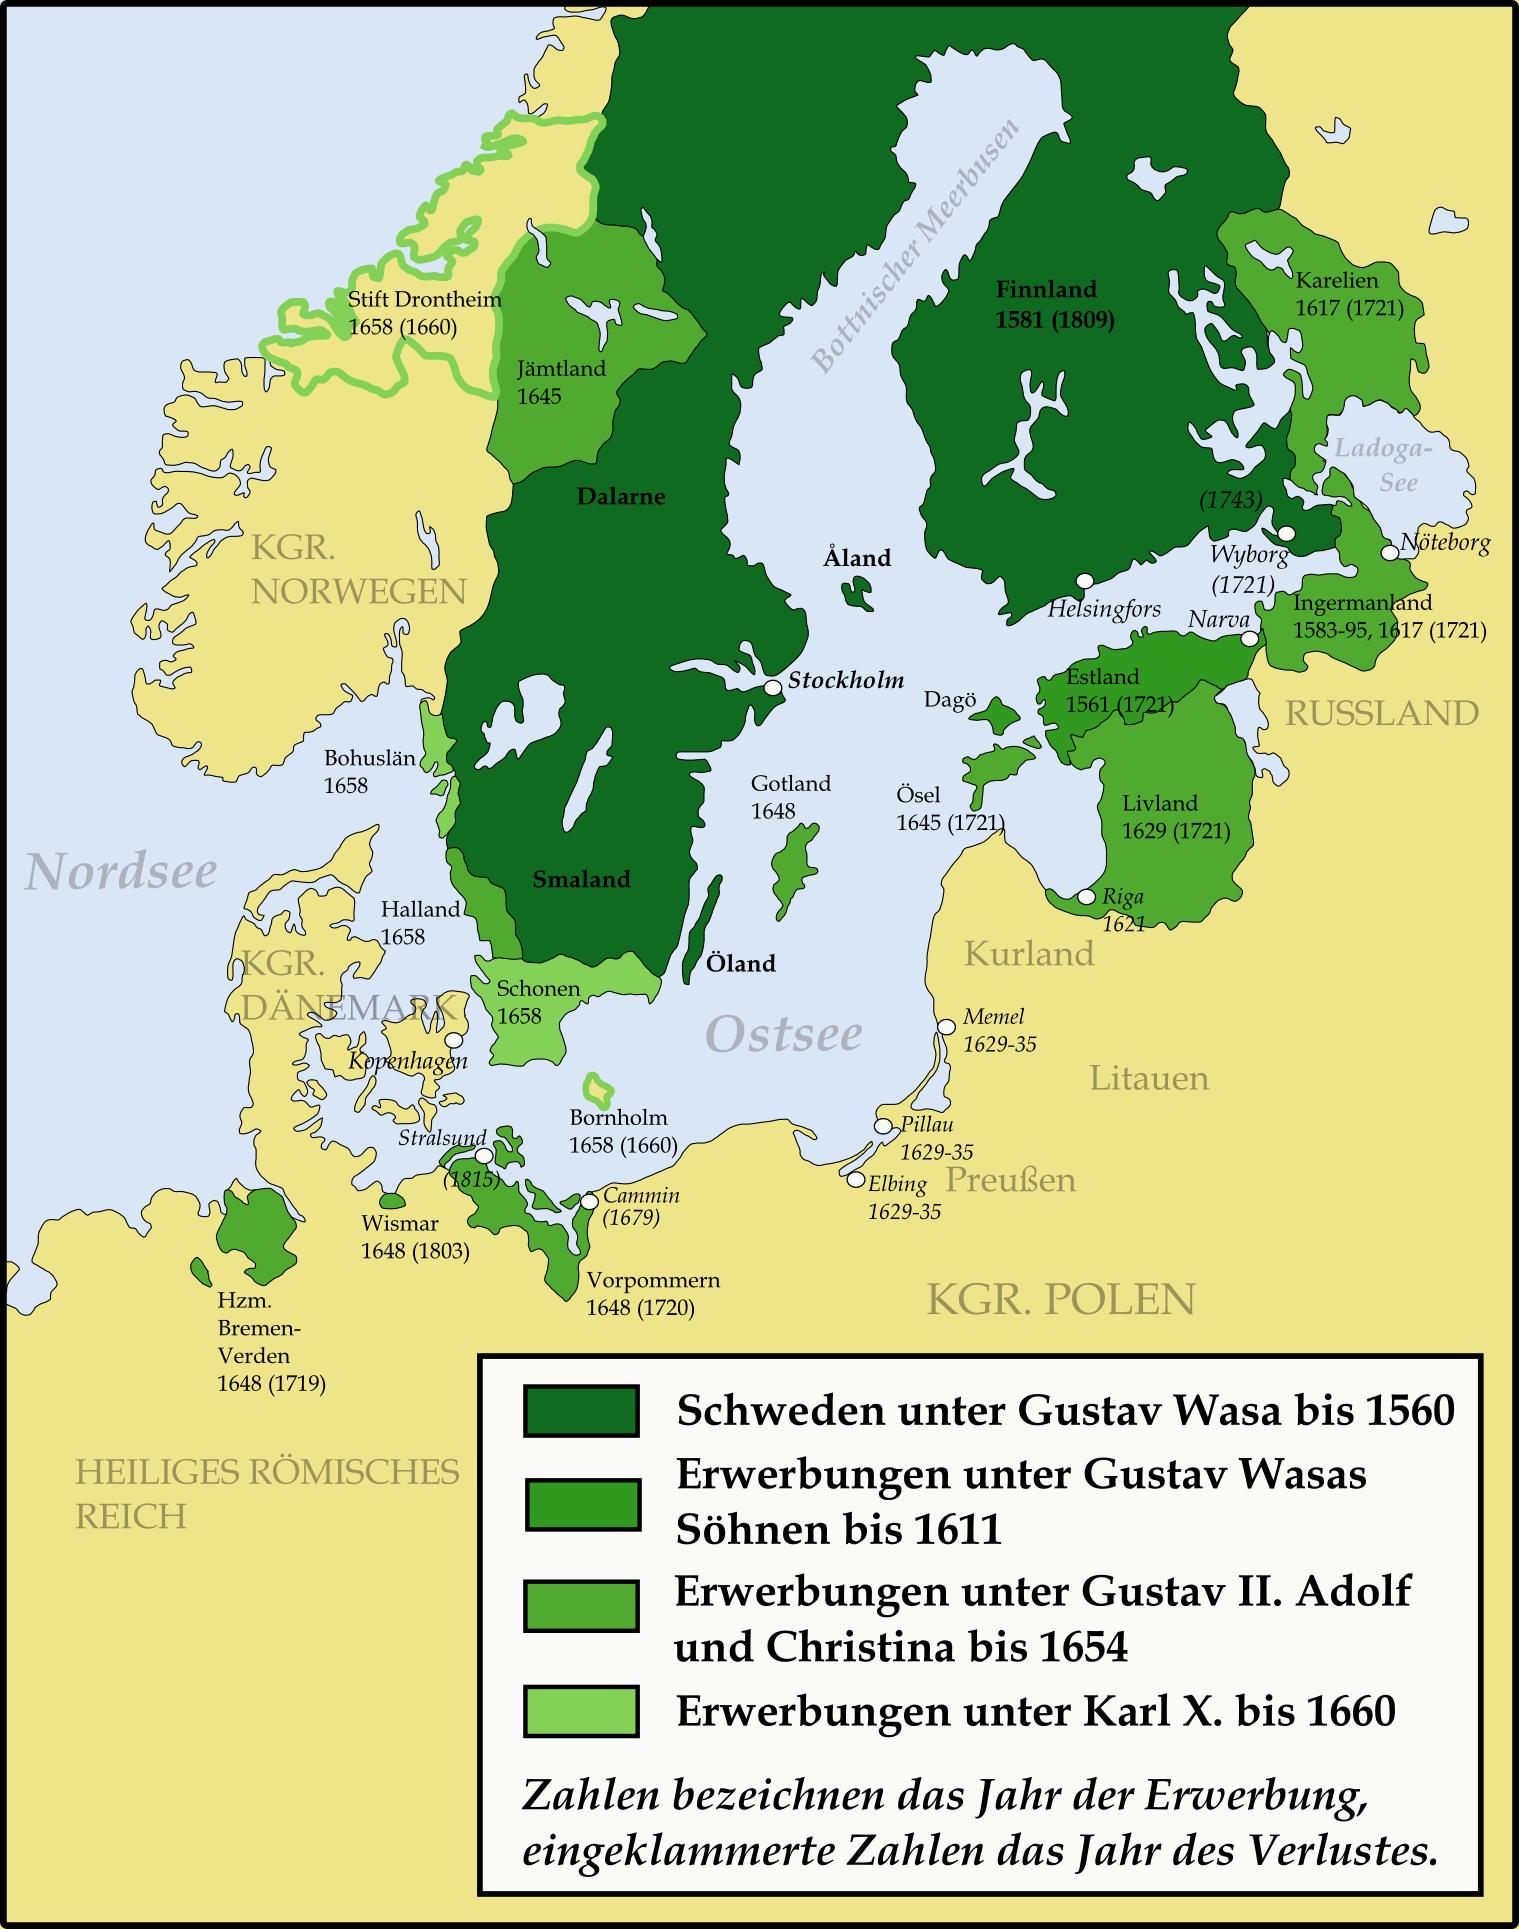 Karte Schweden von Gustav Vasa bis 1660